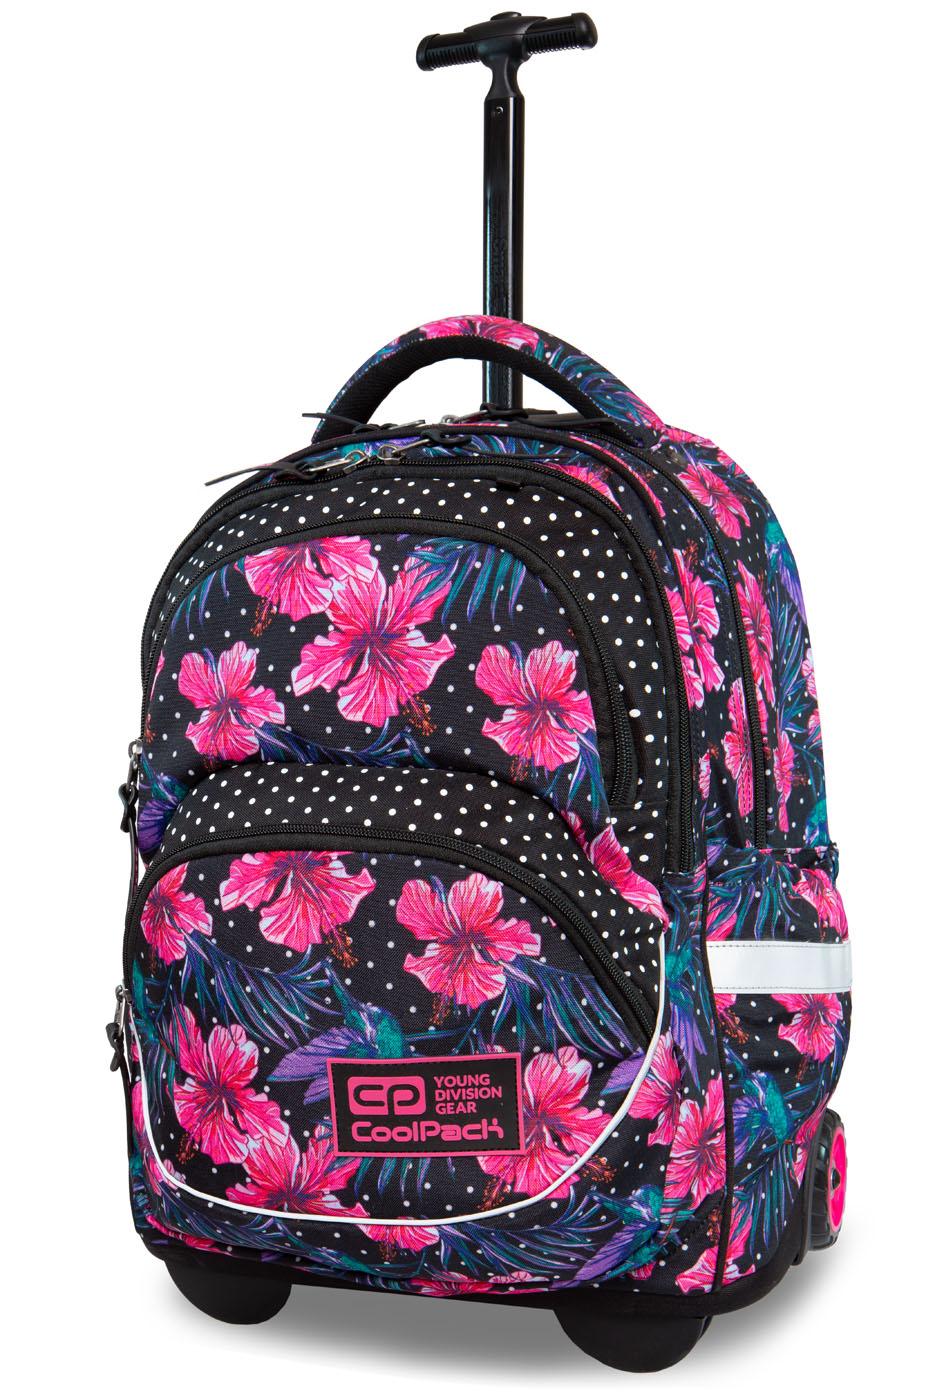 Coolpack   starr  rygsæk med hjul   blossoms